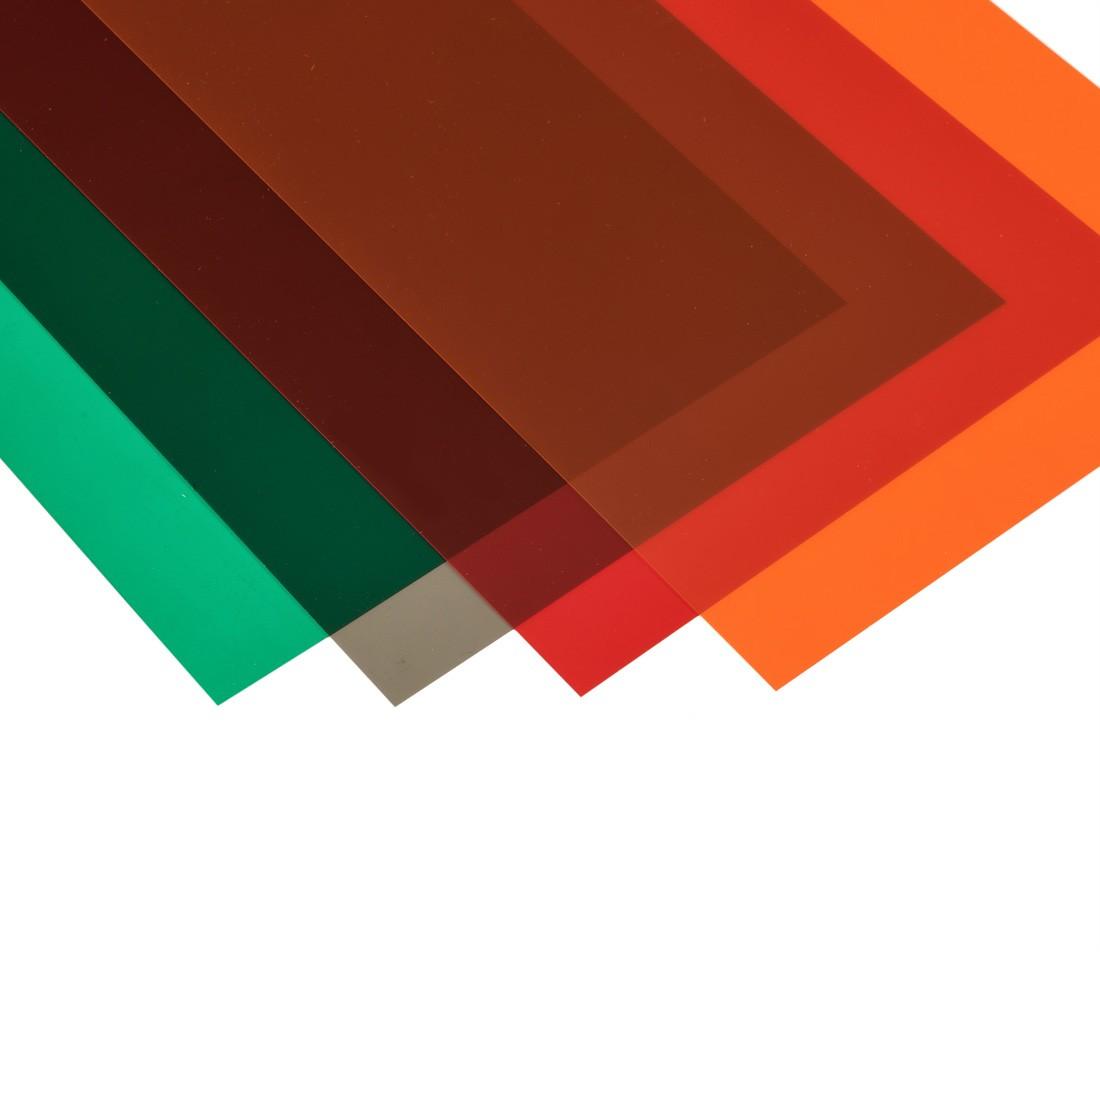 PVC red sheet mm. 194x320 - mm. 0,1